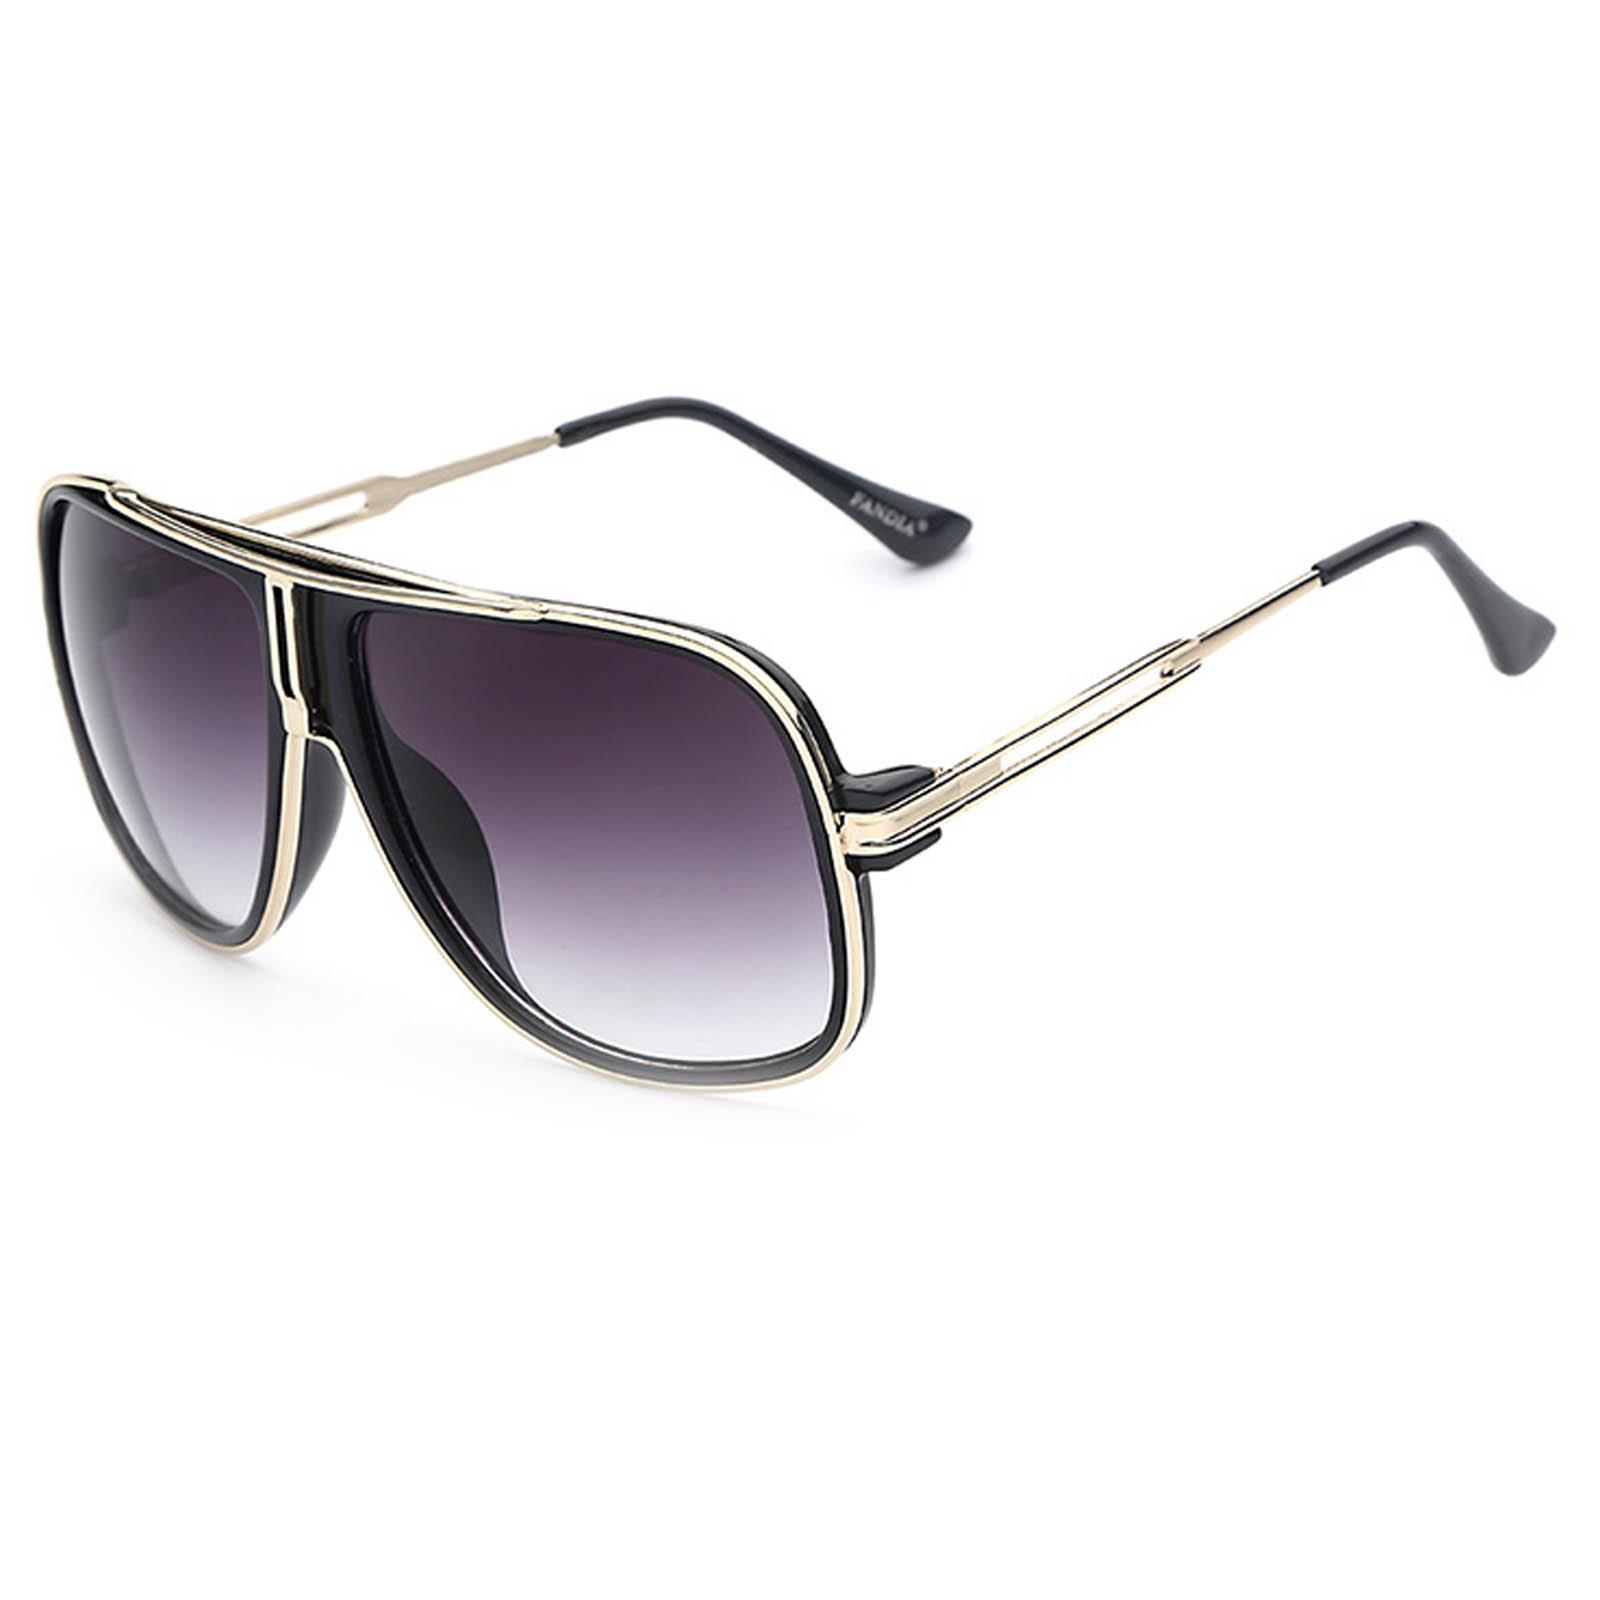 OWL ® 023 C1 Square Eyewear Sunglasses Women's Men's Metal Black Frame Smoke Lens One Pair